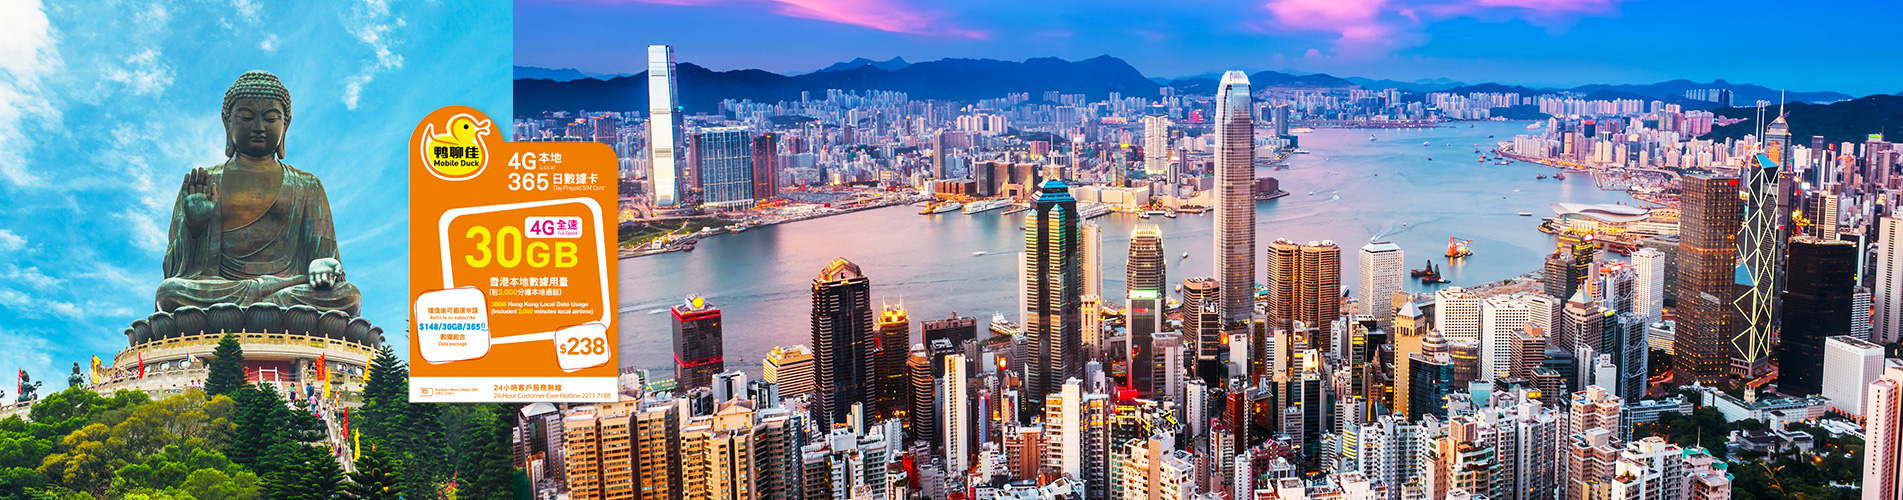 鴨聊佳 - 中國移動 4G 香港 365天30GB流量數據上網卡 (加送 6GB 數據 + 2000分鐘)